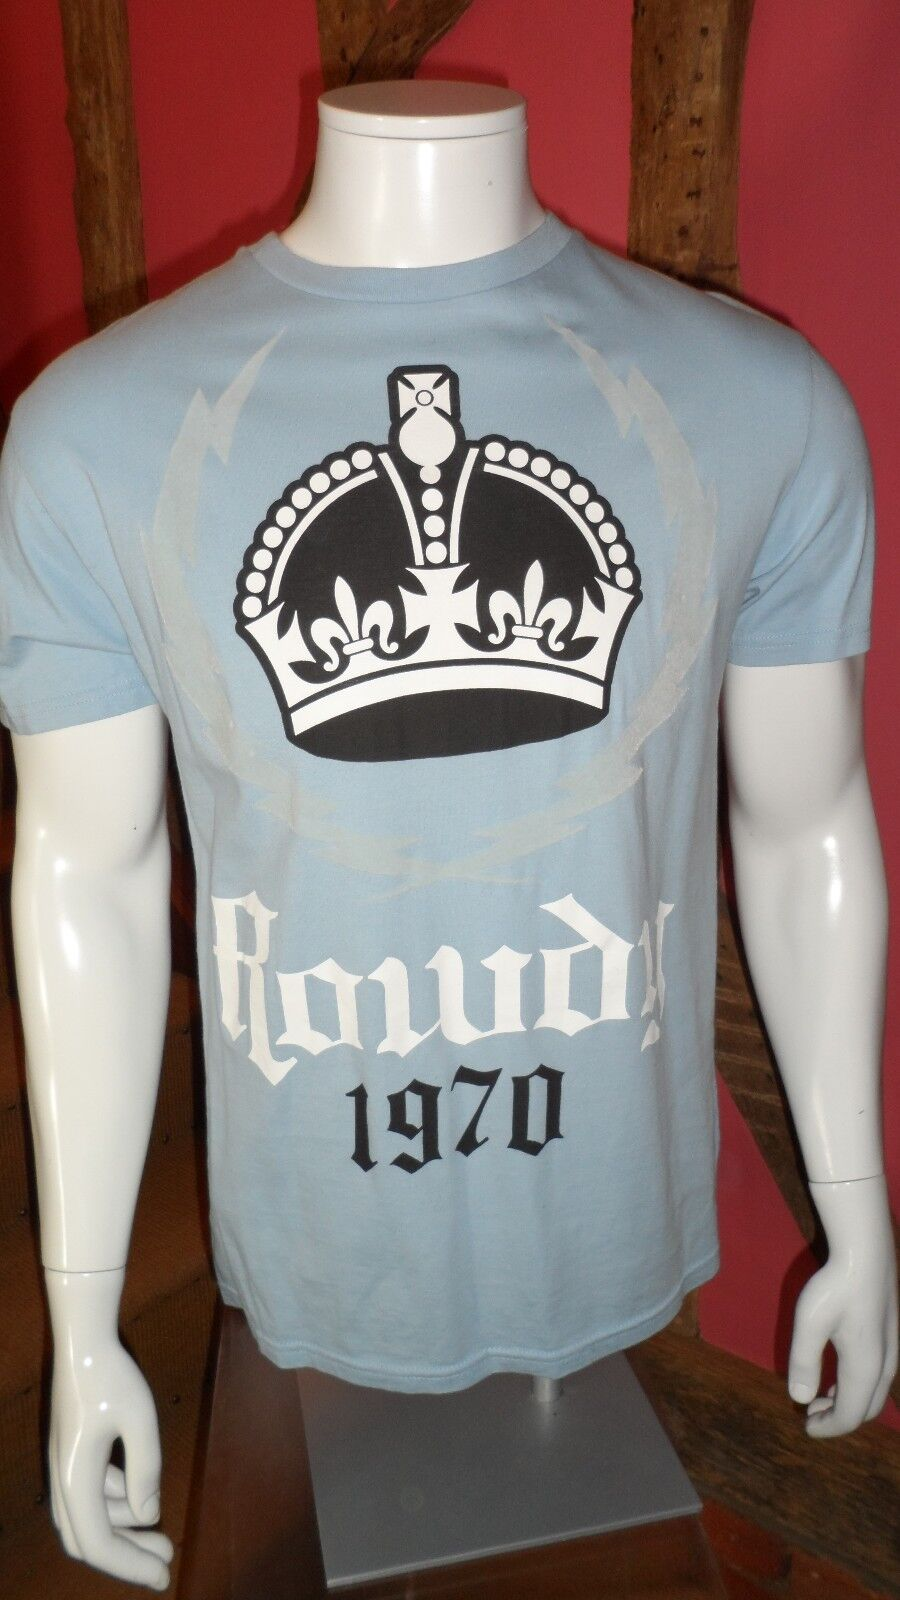 Medium Coloreeee Blu Pallido Stampa Grafica Manica Shirt Corta T Shirt  Manica in un 100% cotone da Rowdy 9ff3aa d6e903545519